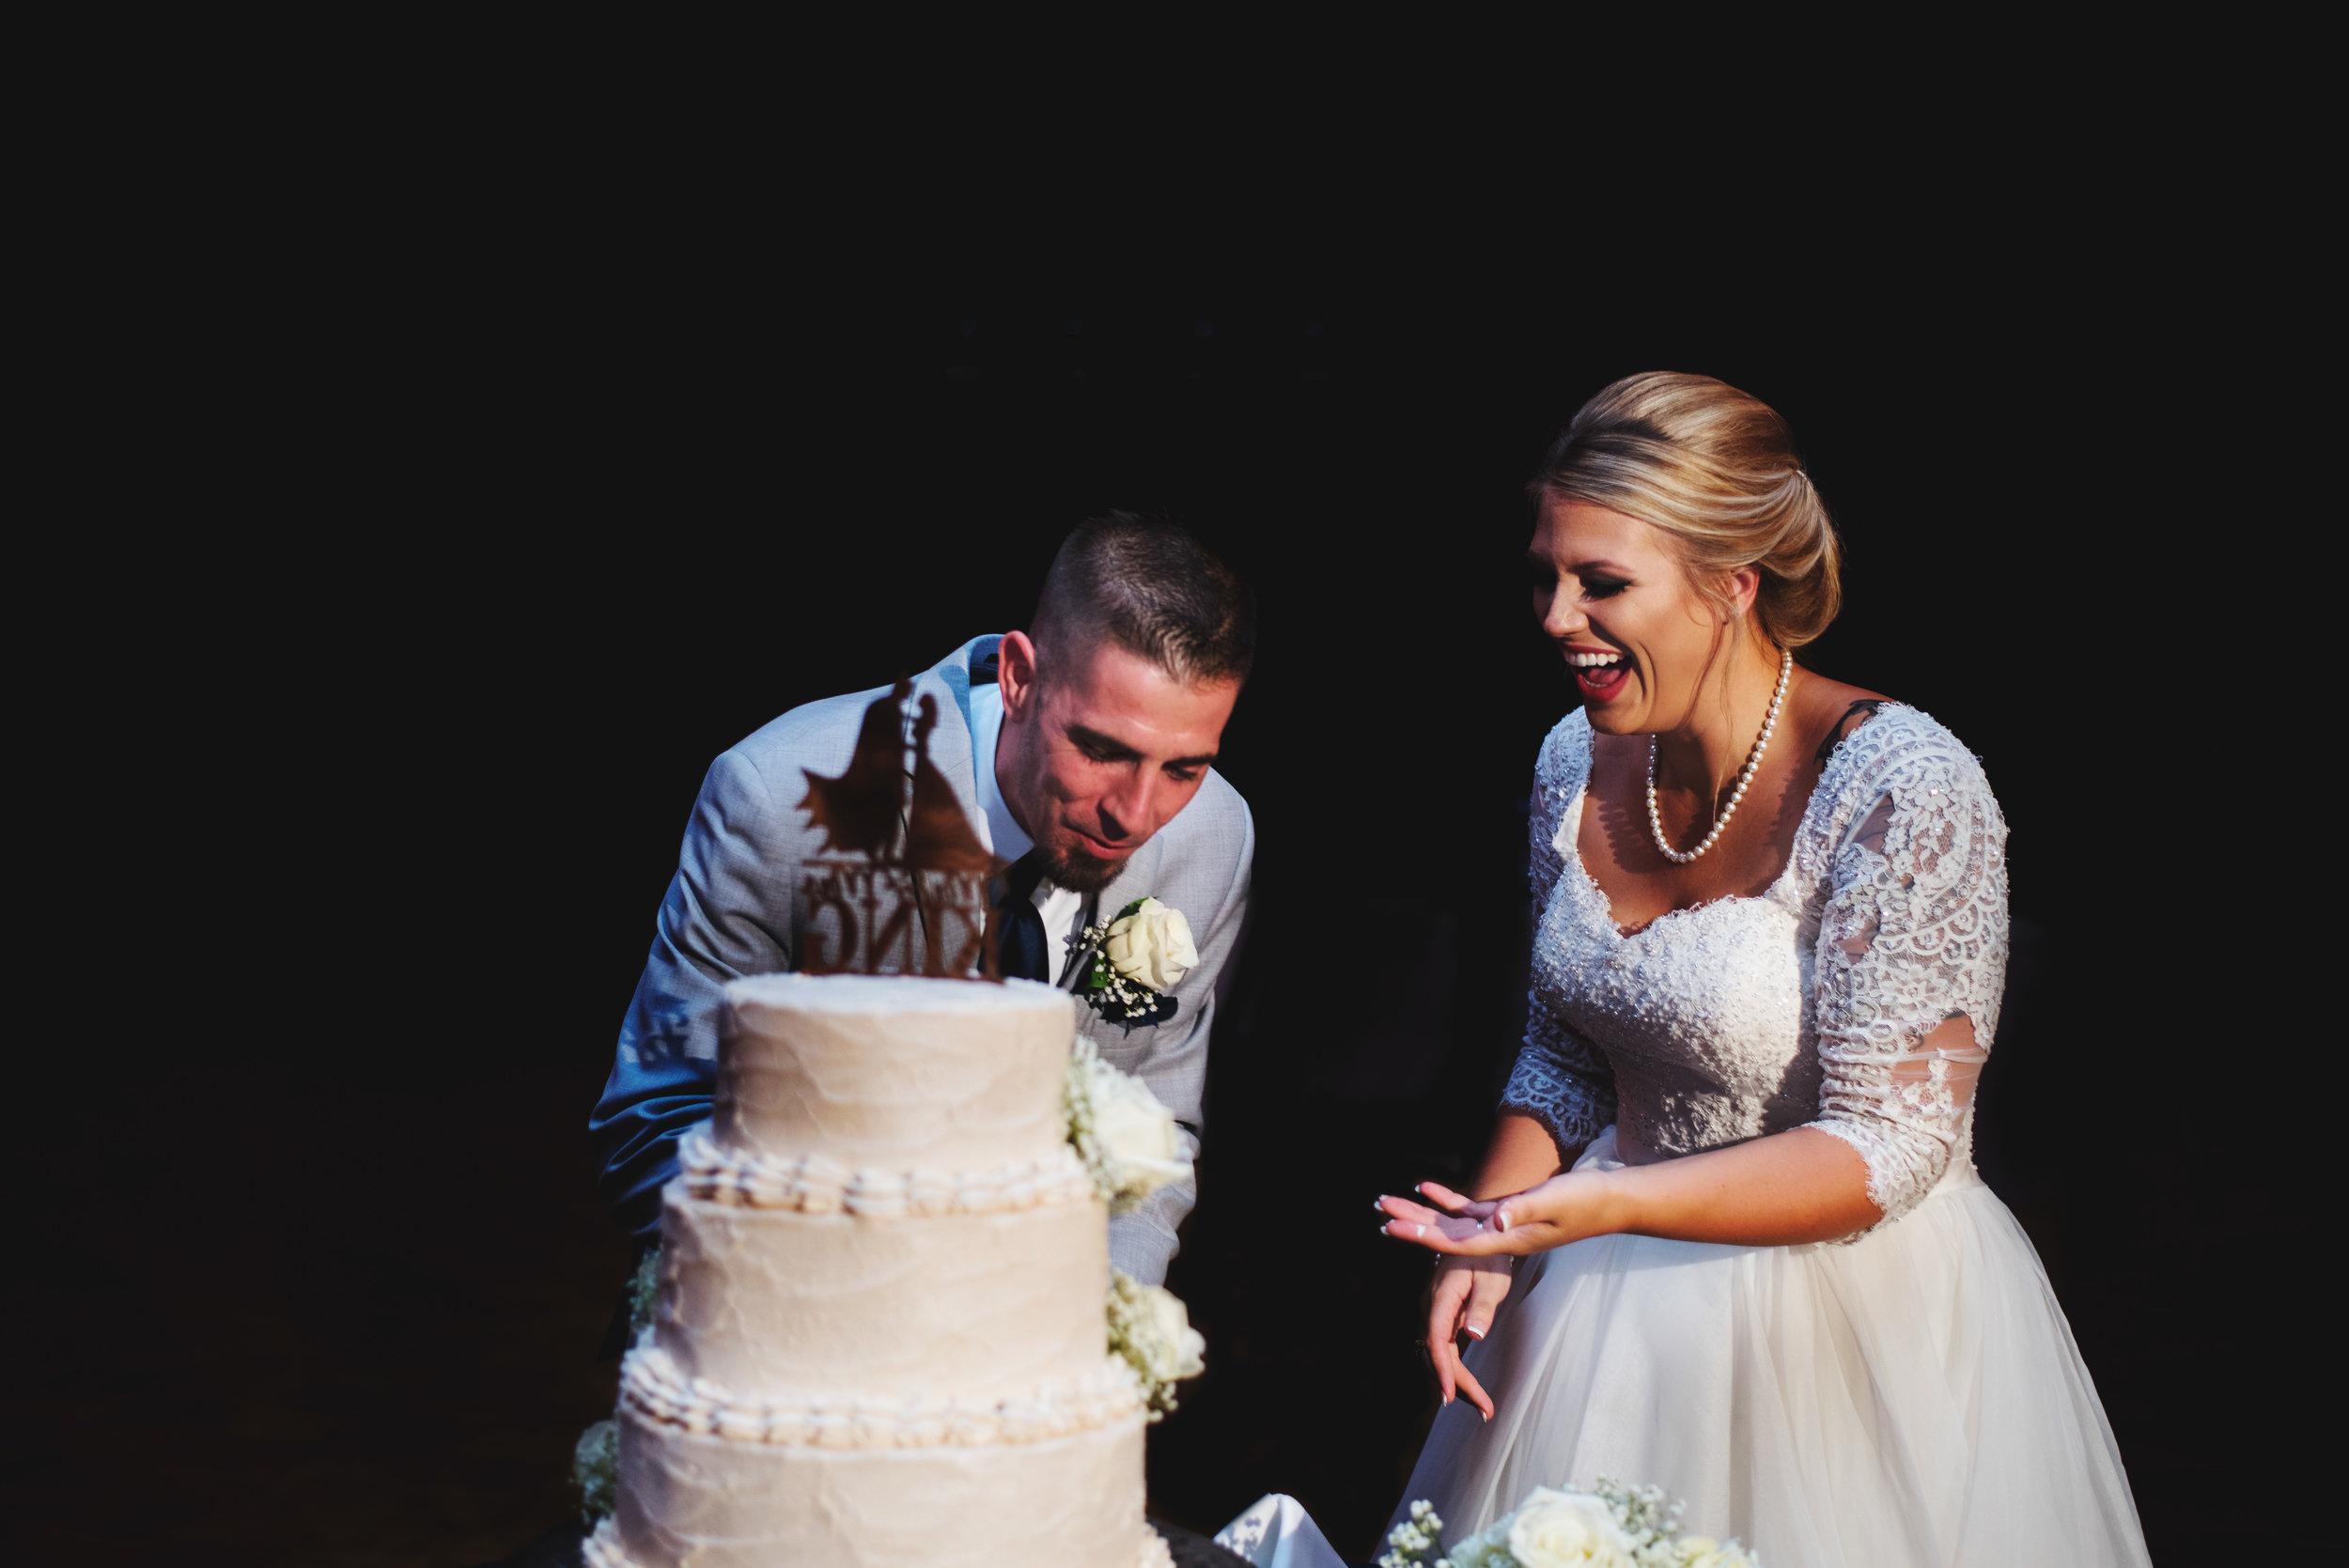 King-Northern-Illinois-University-Wedding104.jpg